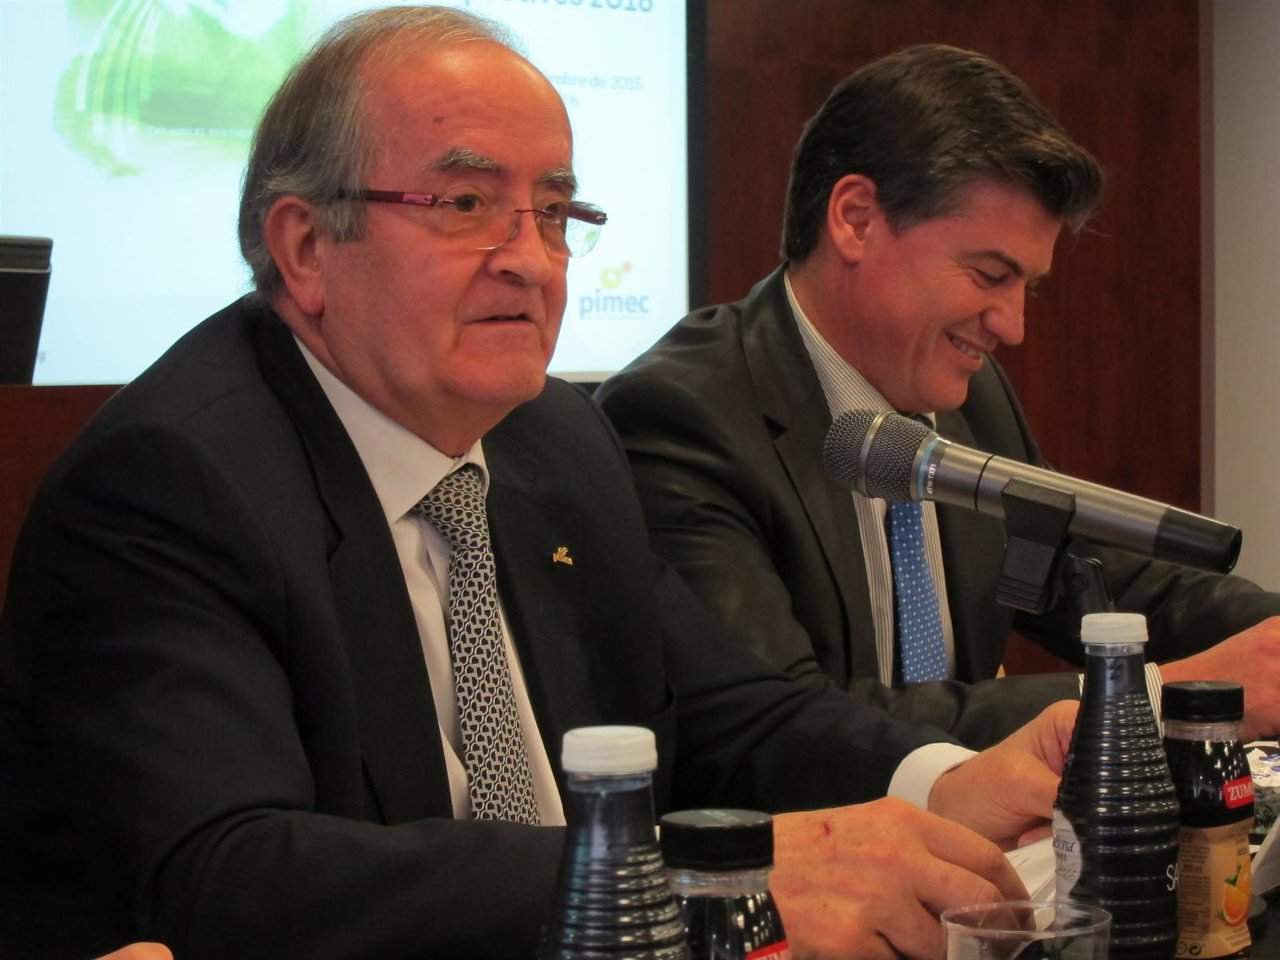 El pte. De Pimec J.González y secr.Grl. A.Cañete